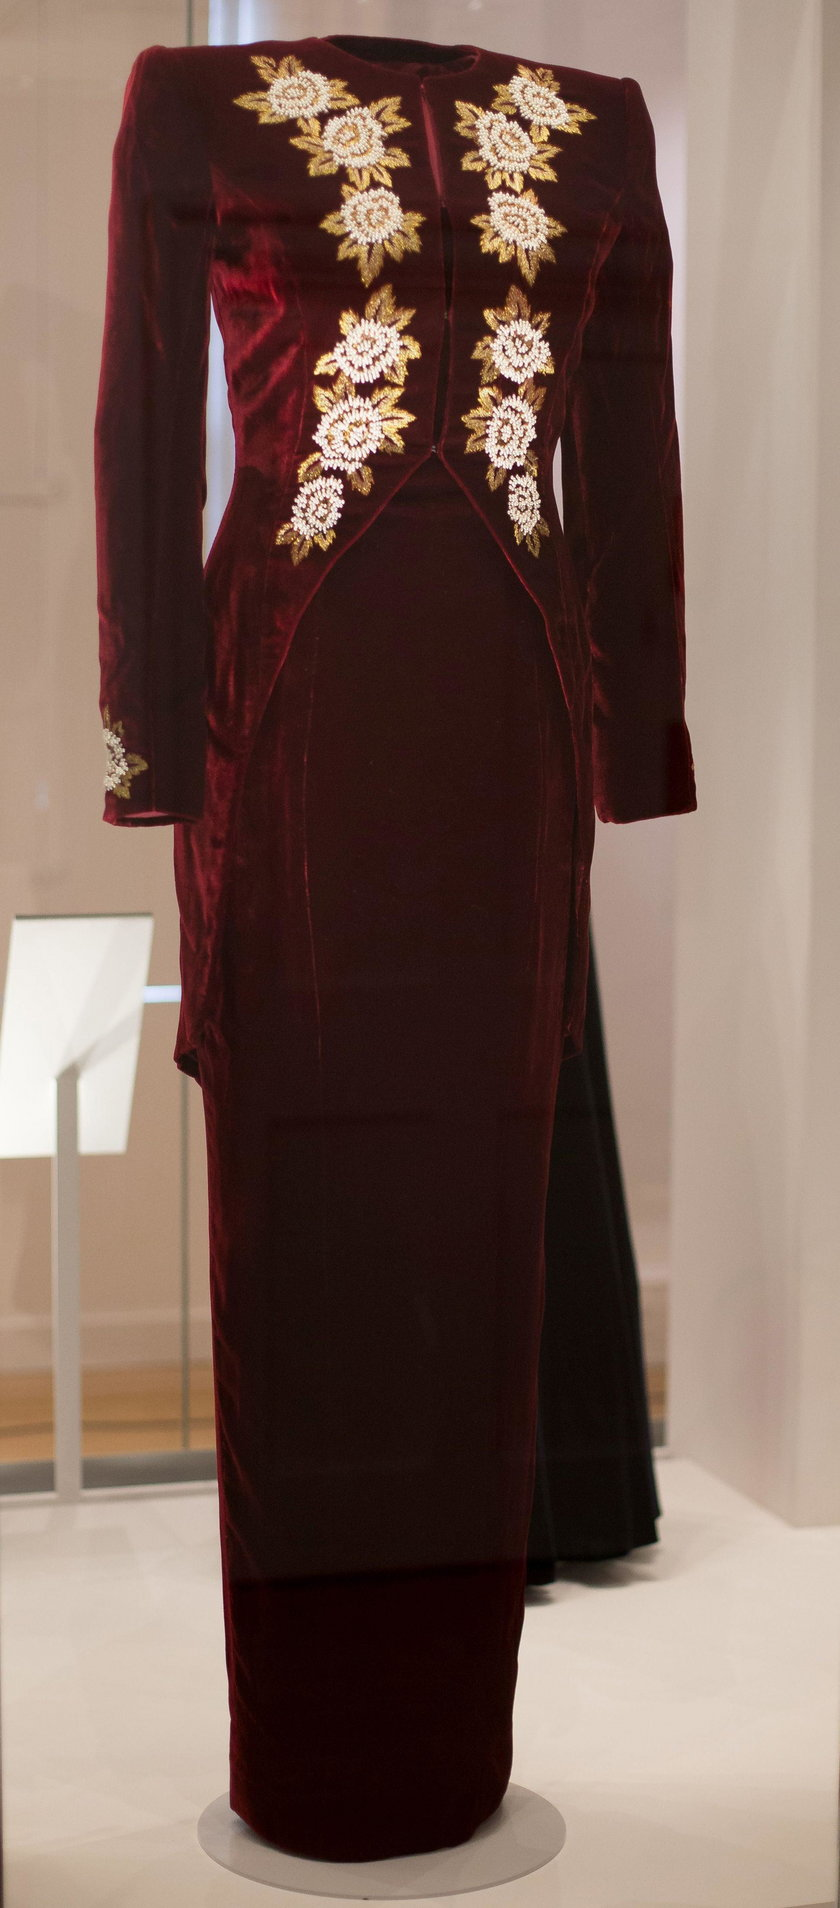 Podejrzyj garderobę księżnej Diany. Ale cudeńka!